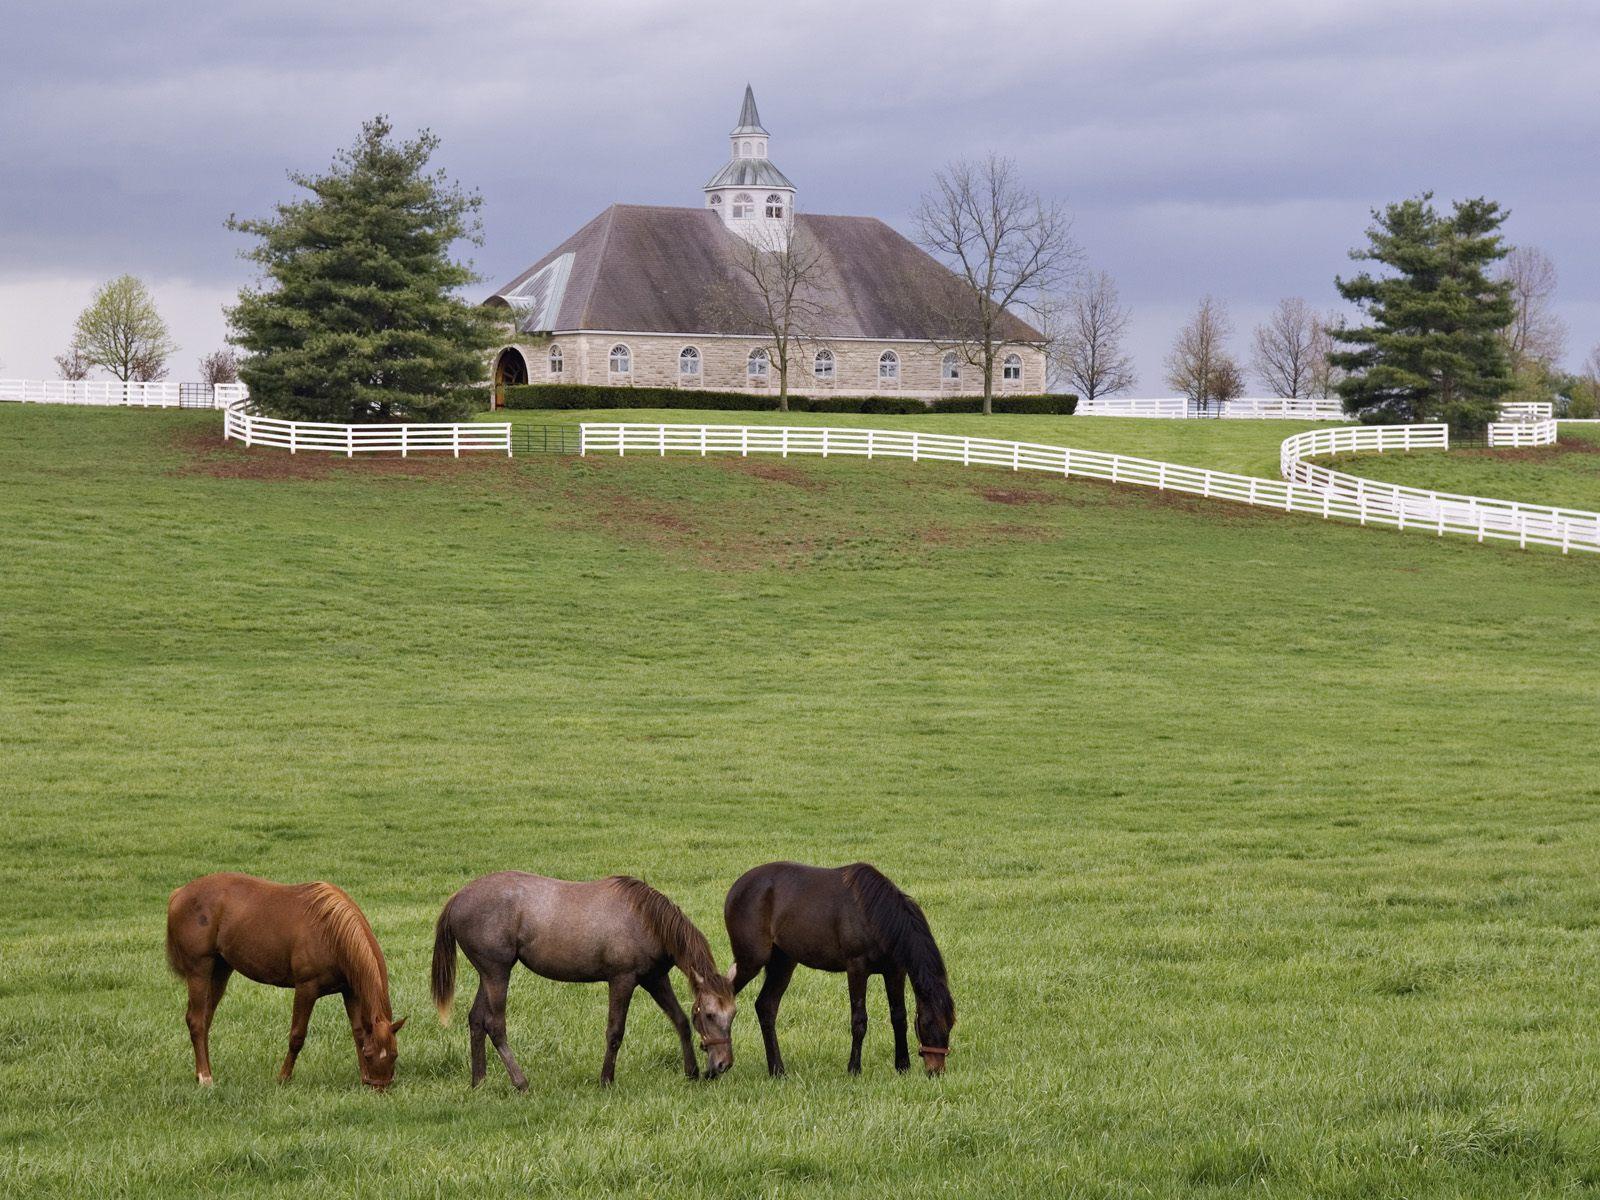 My Farm Life 2 Jeu PC   Images vidos astuces et avis 1600x1200